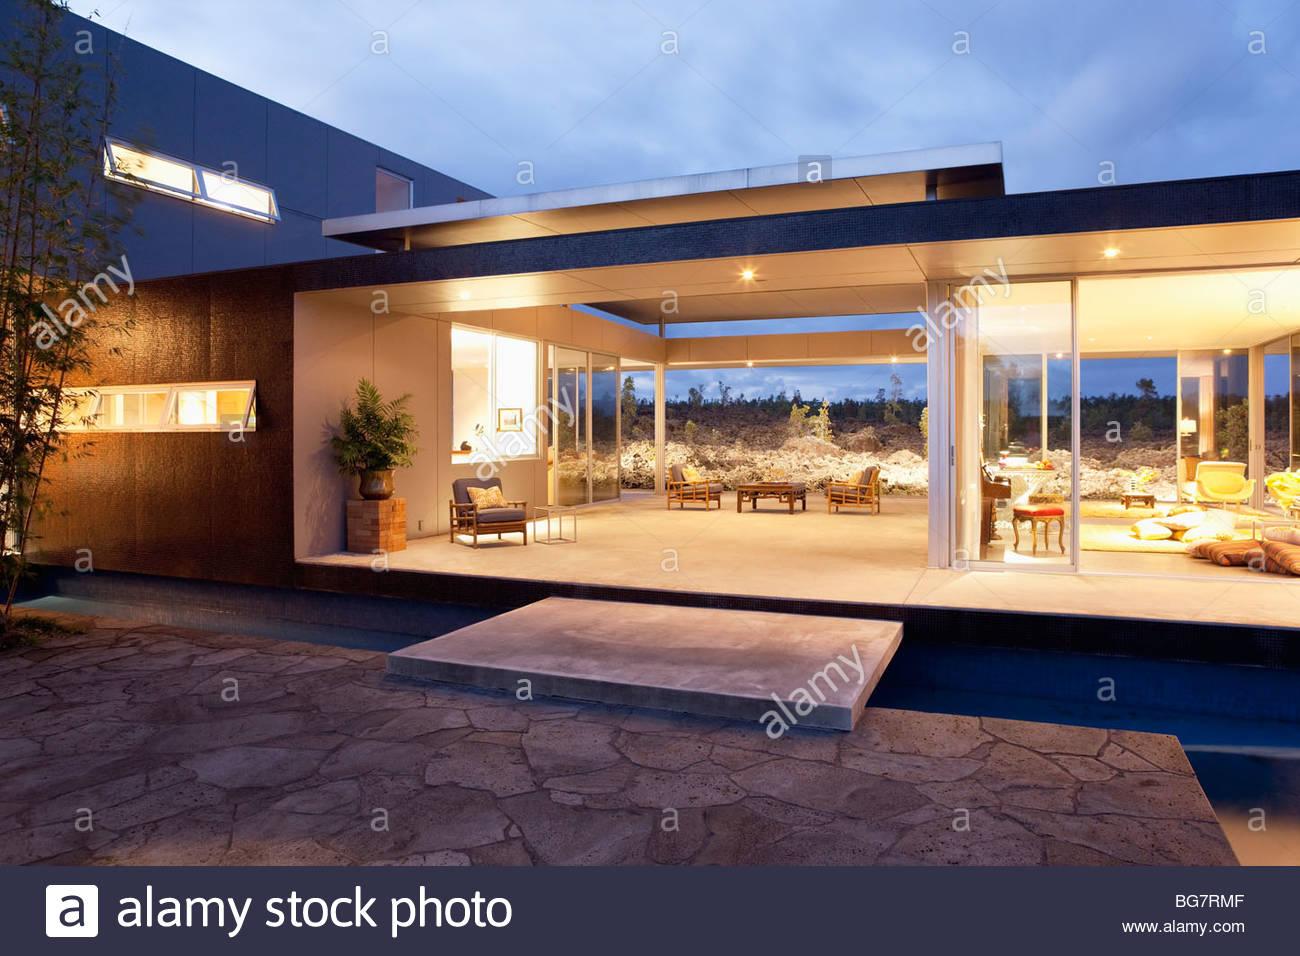 Illuminated modern house - Stock Image